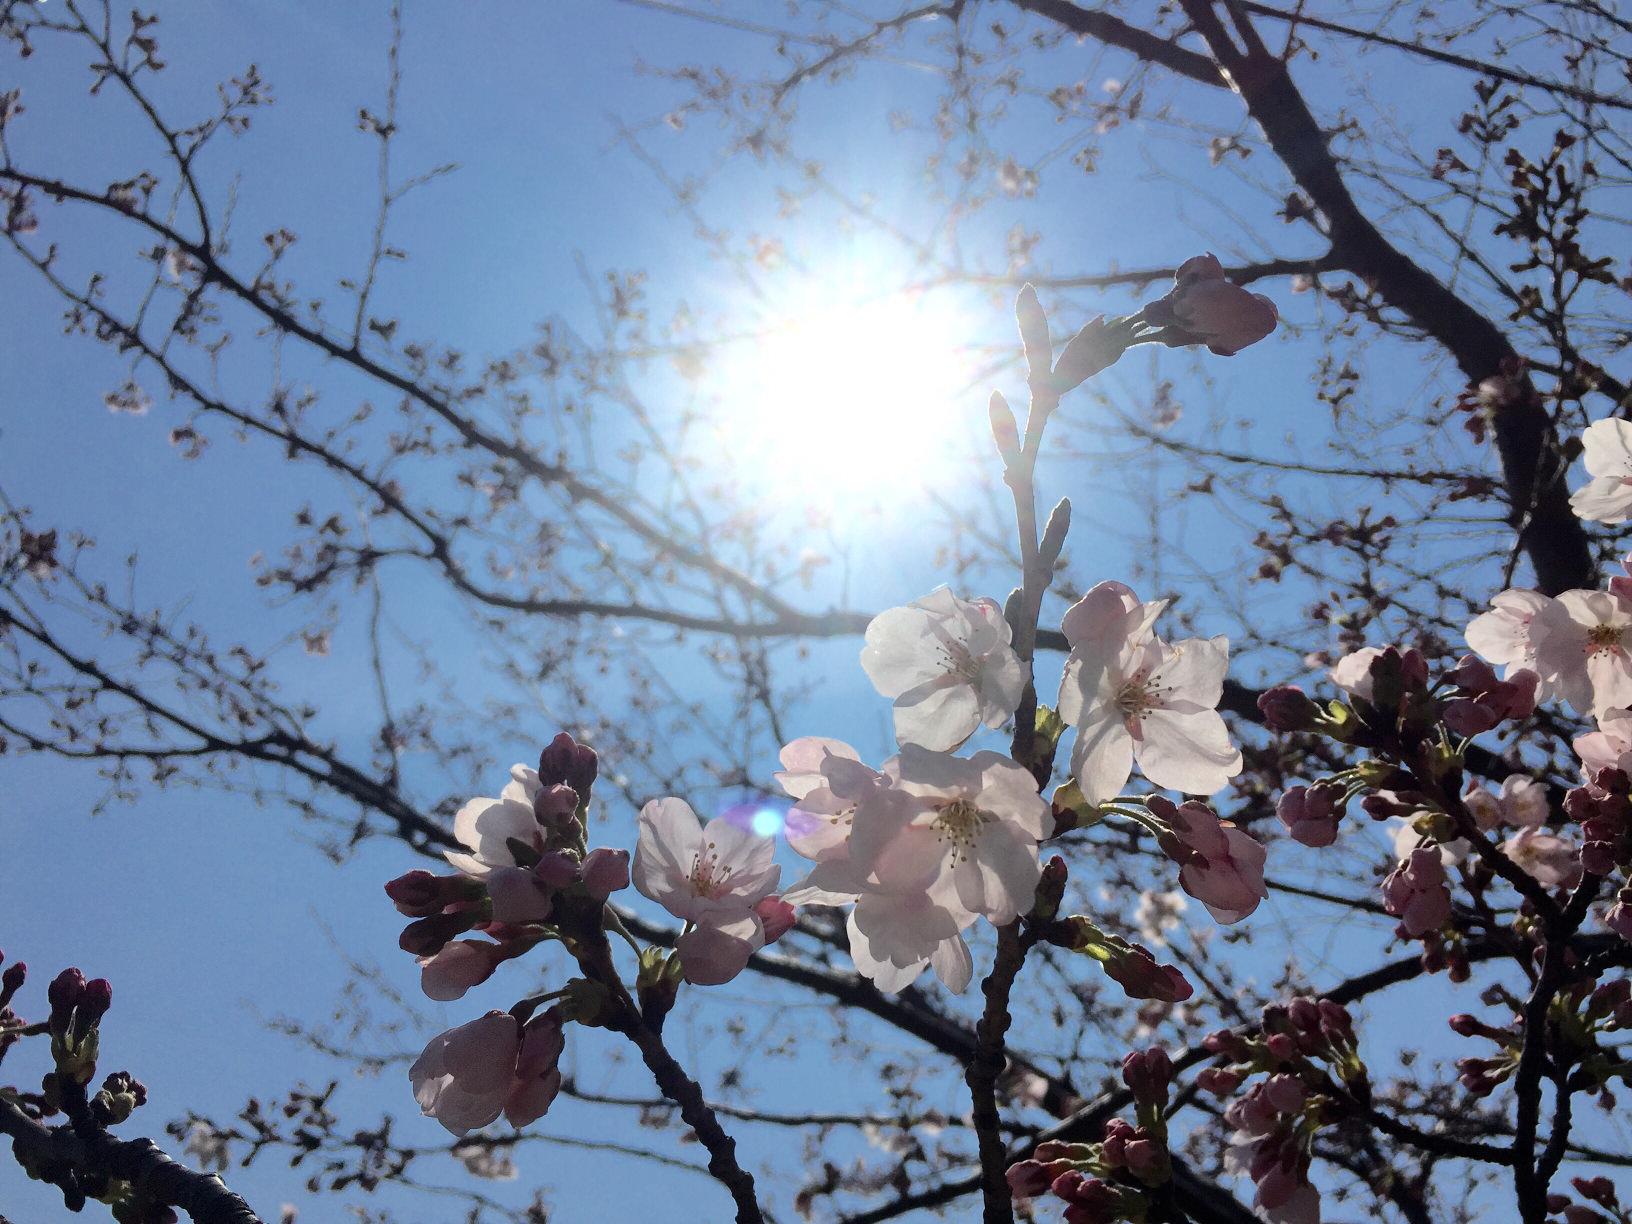 桜(サクラ)の育て方|水やりの頻度やつきやすい虫は?鉢植え栽培もできる?の画像